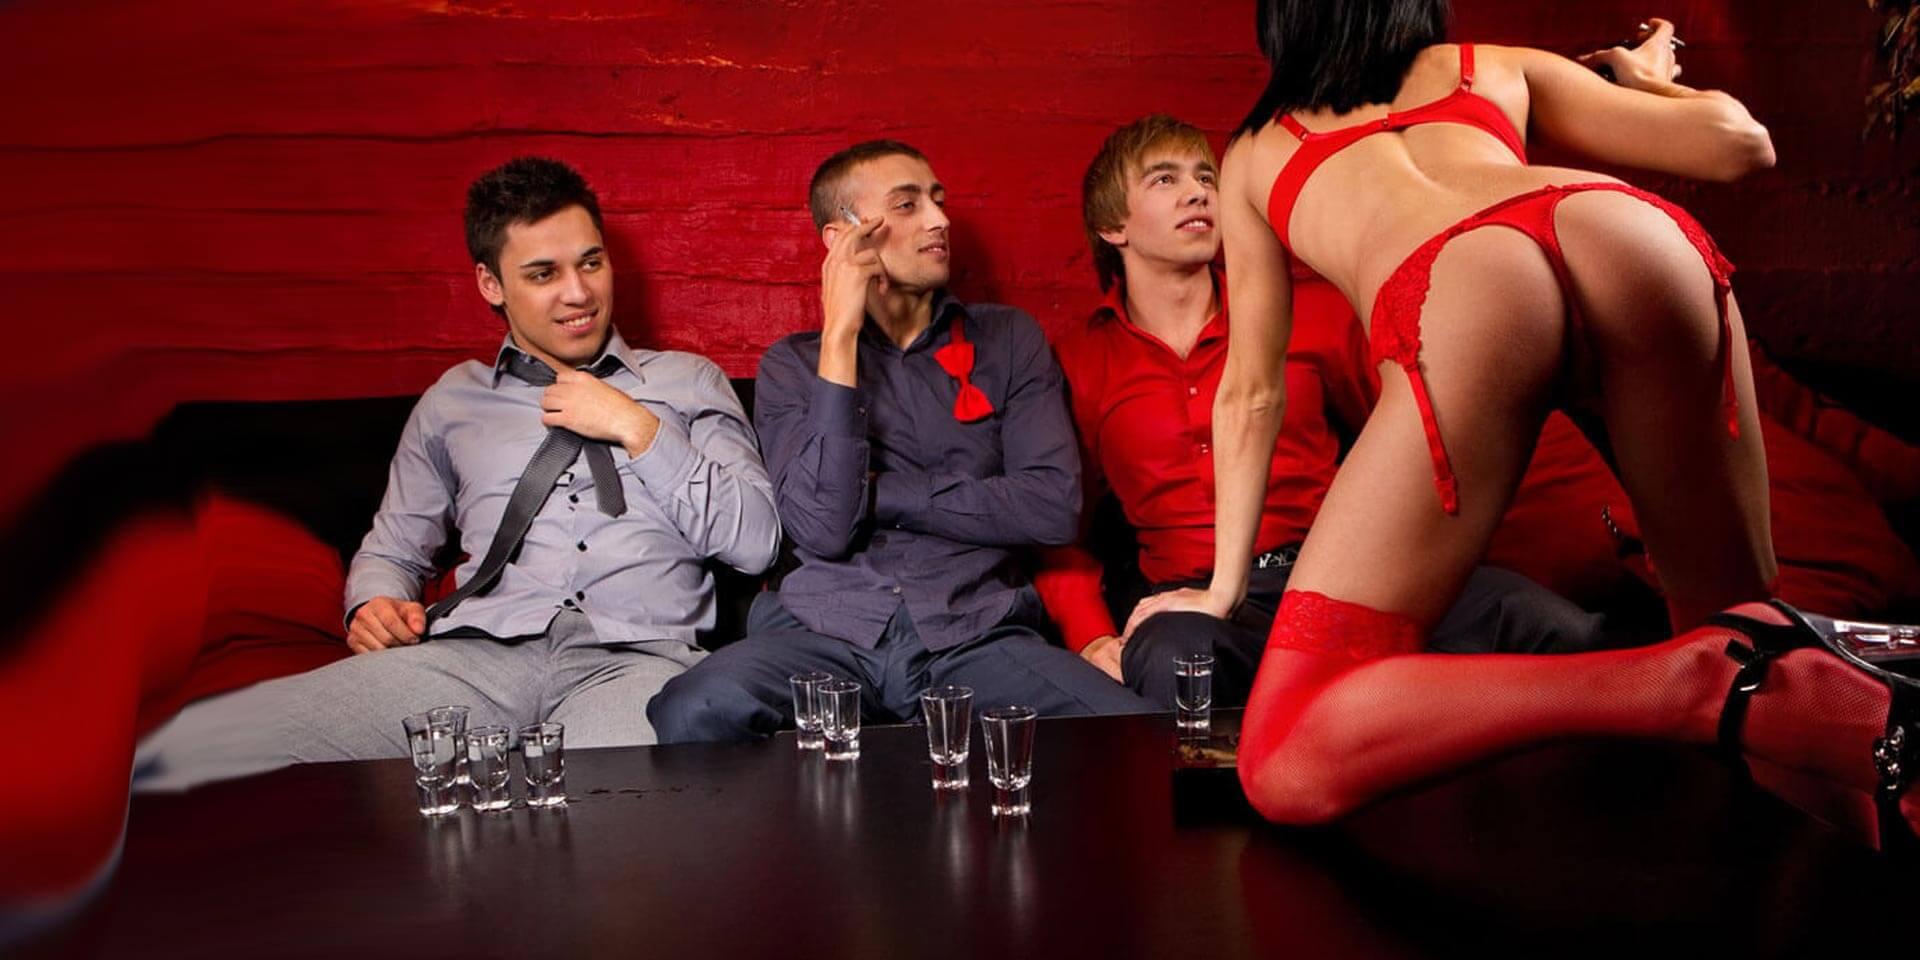 Русский секс в клубах, Порно вечеринки - секс в клубе на 24 видео 8 фотография